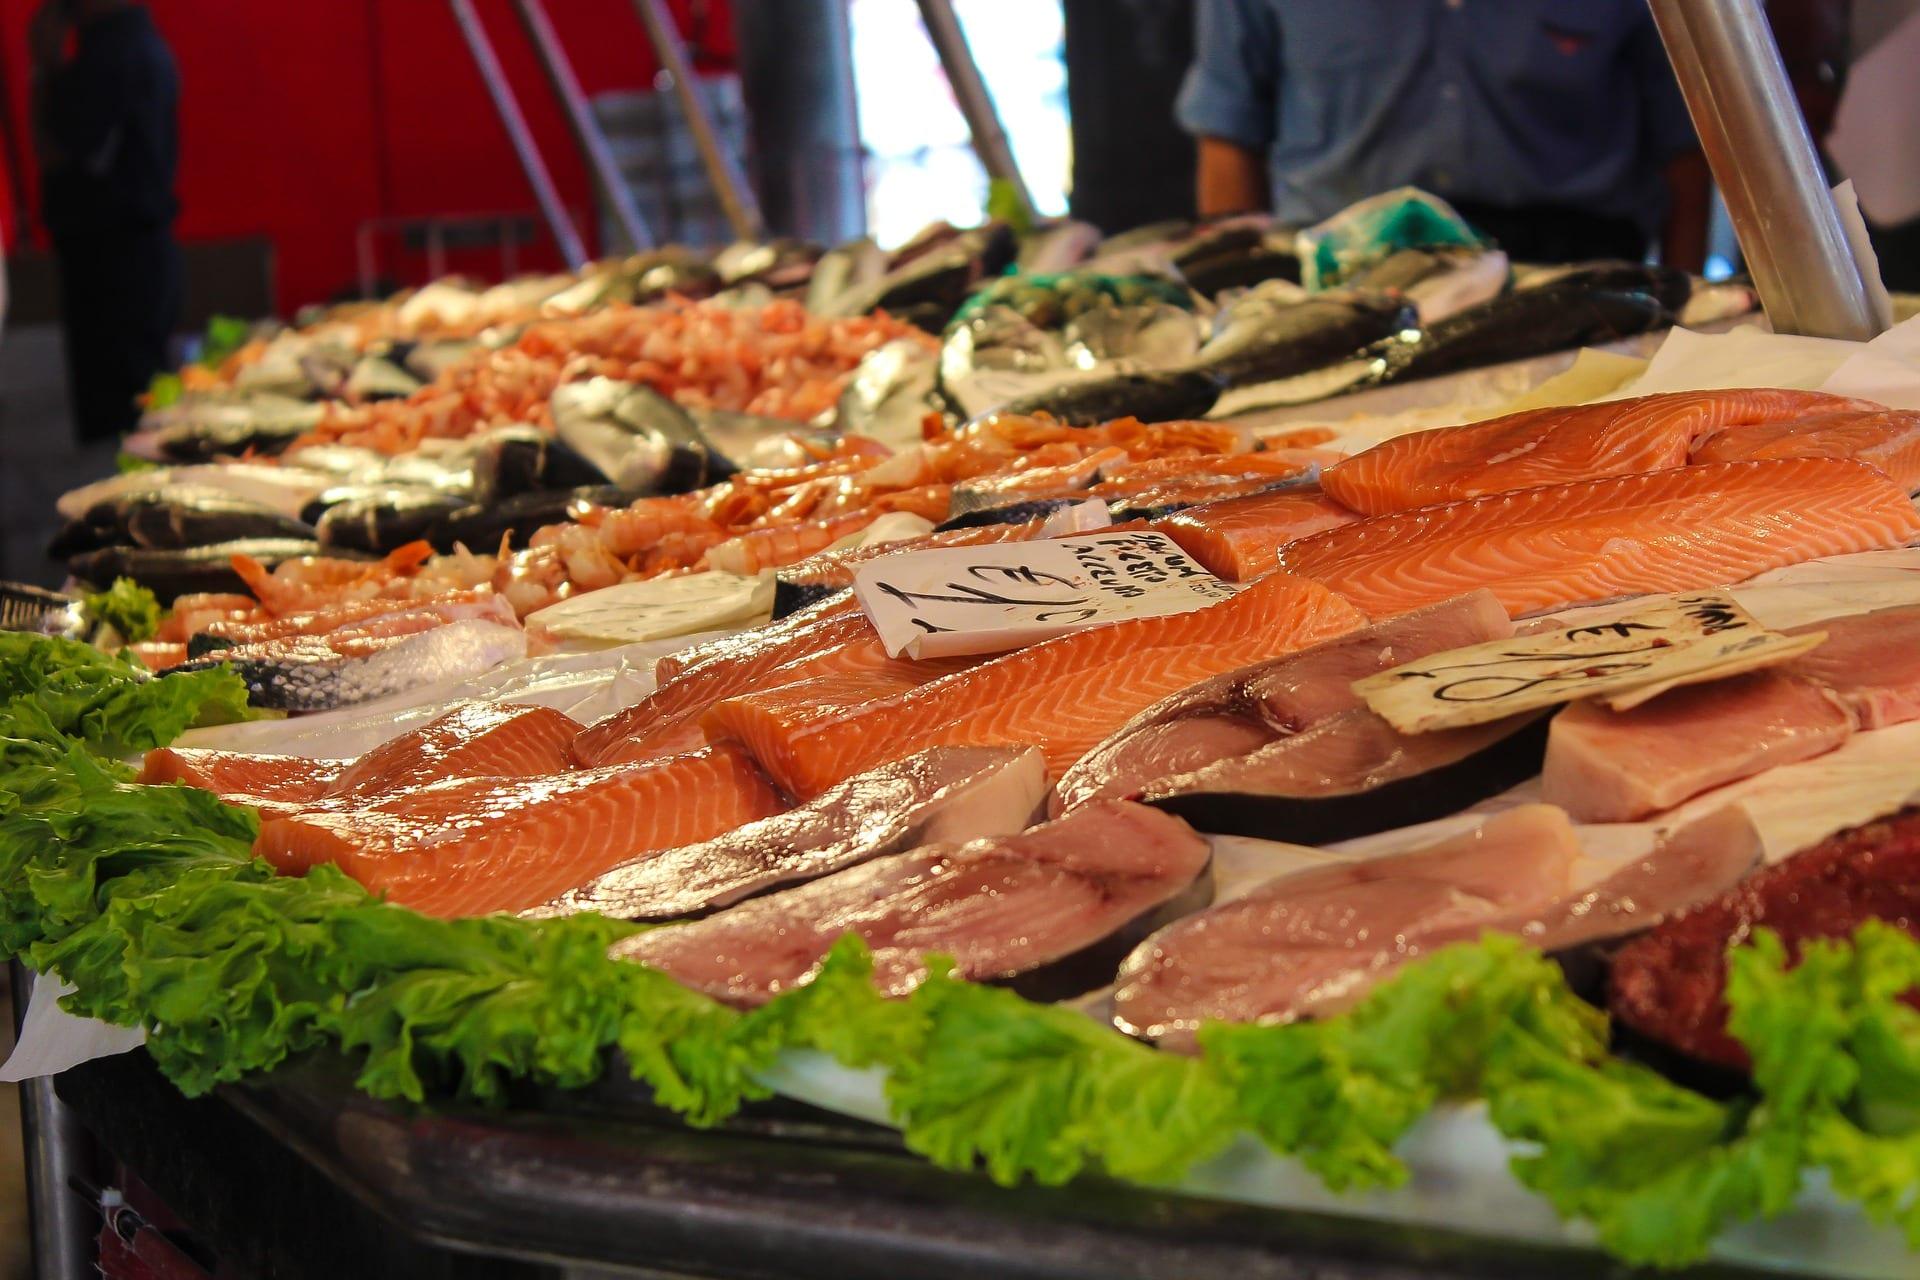 pescado y dieta saludable